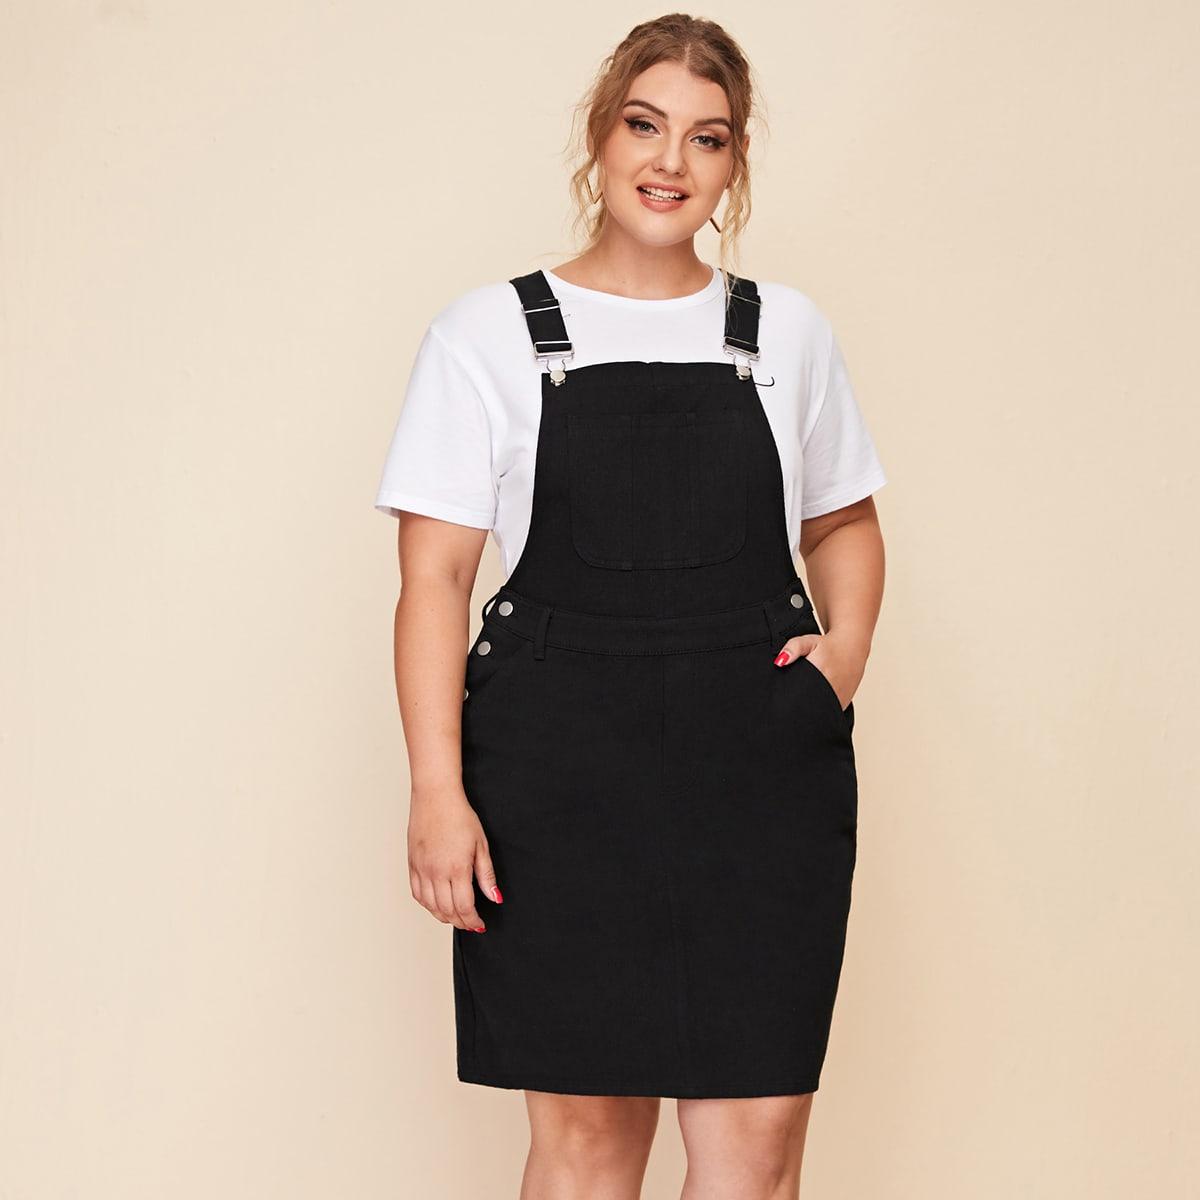 Джинсовое платье размера плюс с карманом и подтяжками